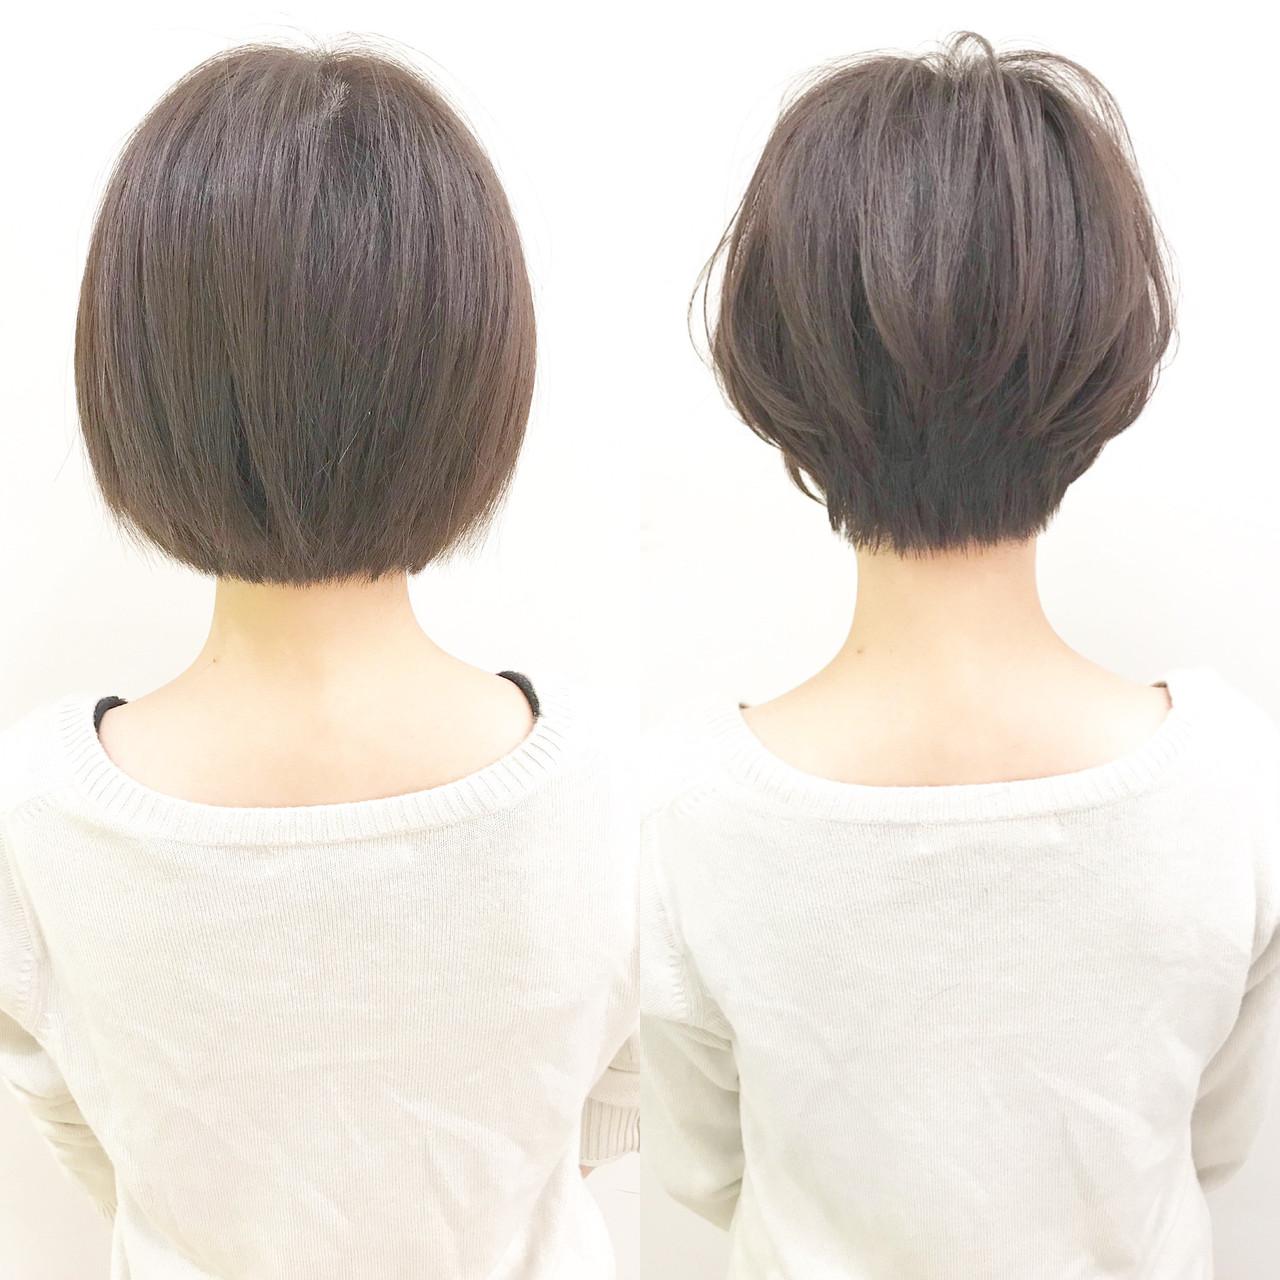 ショート パーマ 黒髪 アウトドア ヘアスタイルや髪型の写真・画像 | ショートヘア美容師 #ナカイヒロキ / 『send by HAIR』